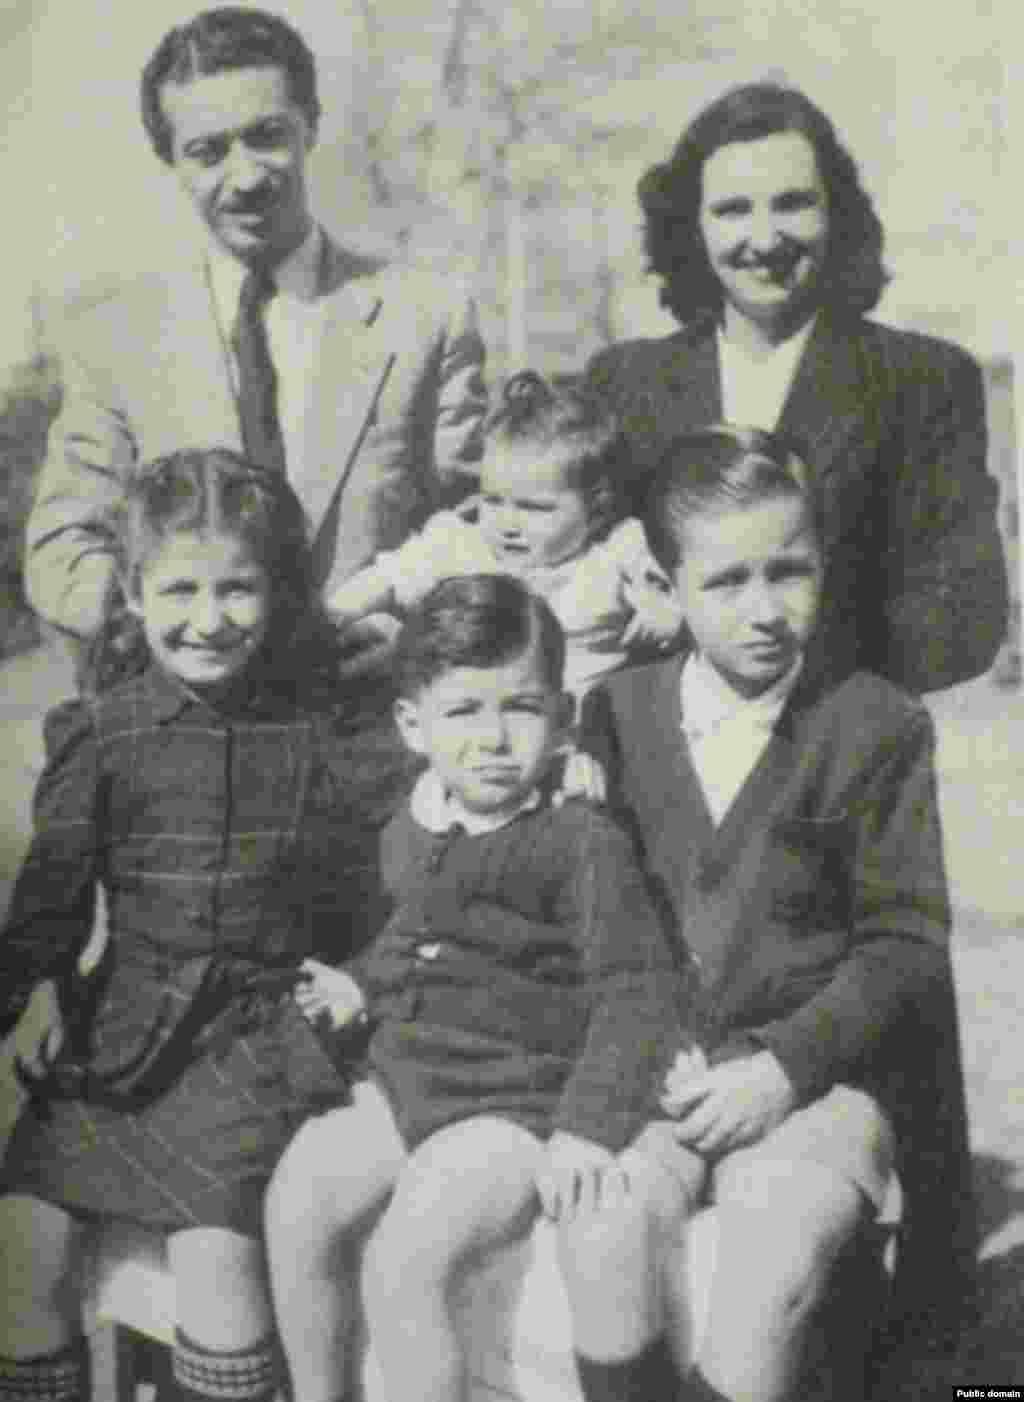 بختیار همراه با همسر فرانسوی و چهار فرزندش